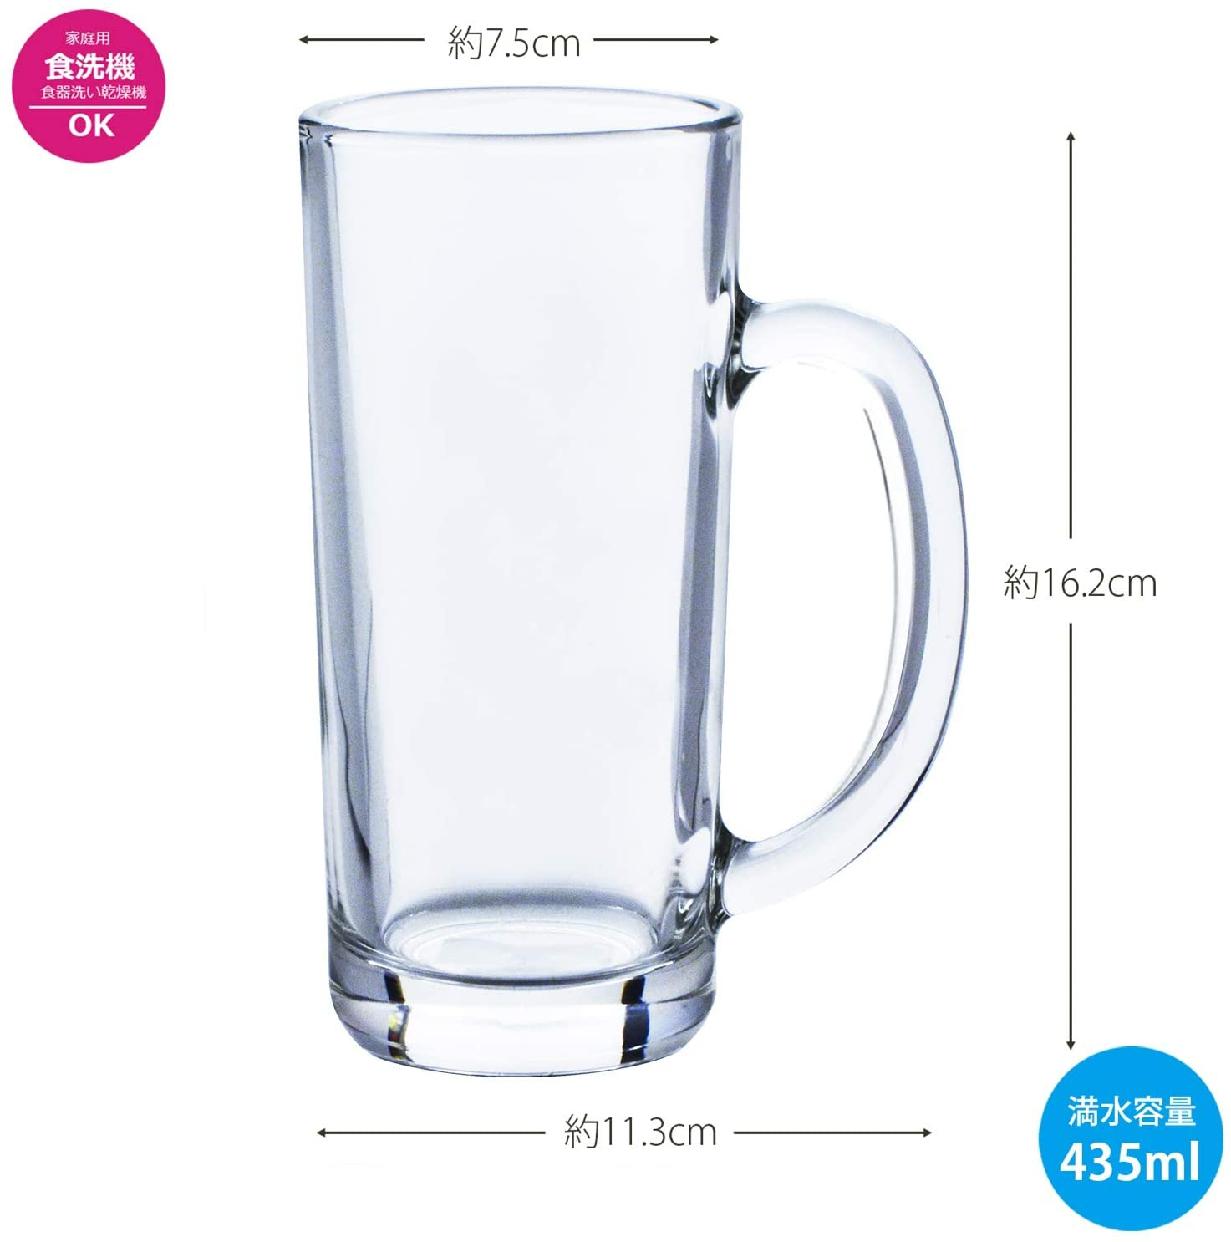 東洋佐々木ガラス アルファ P-06431-JANの商品画像3